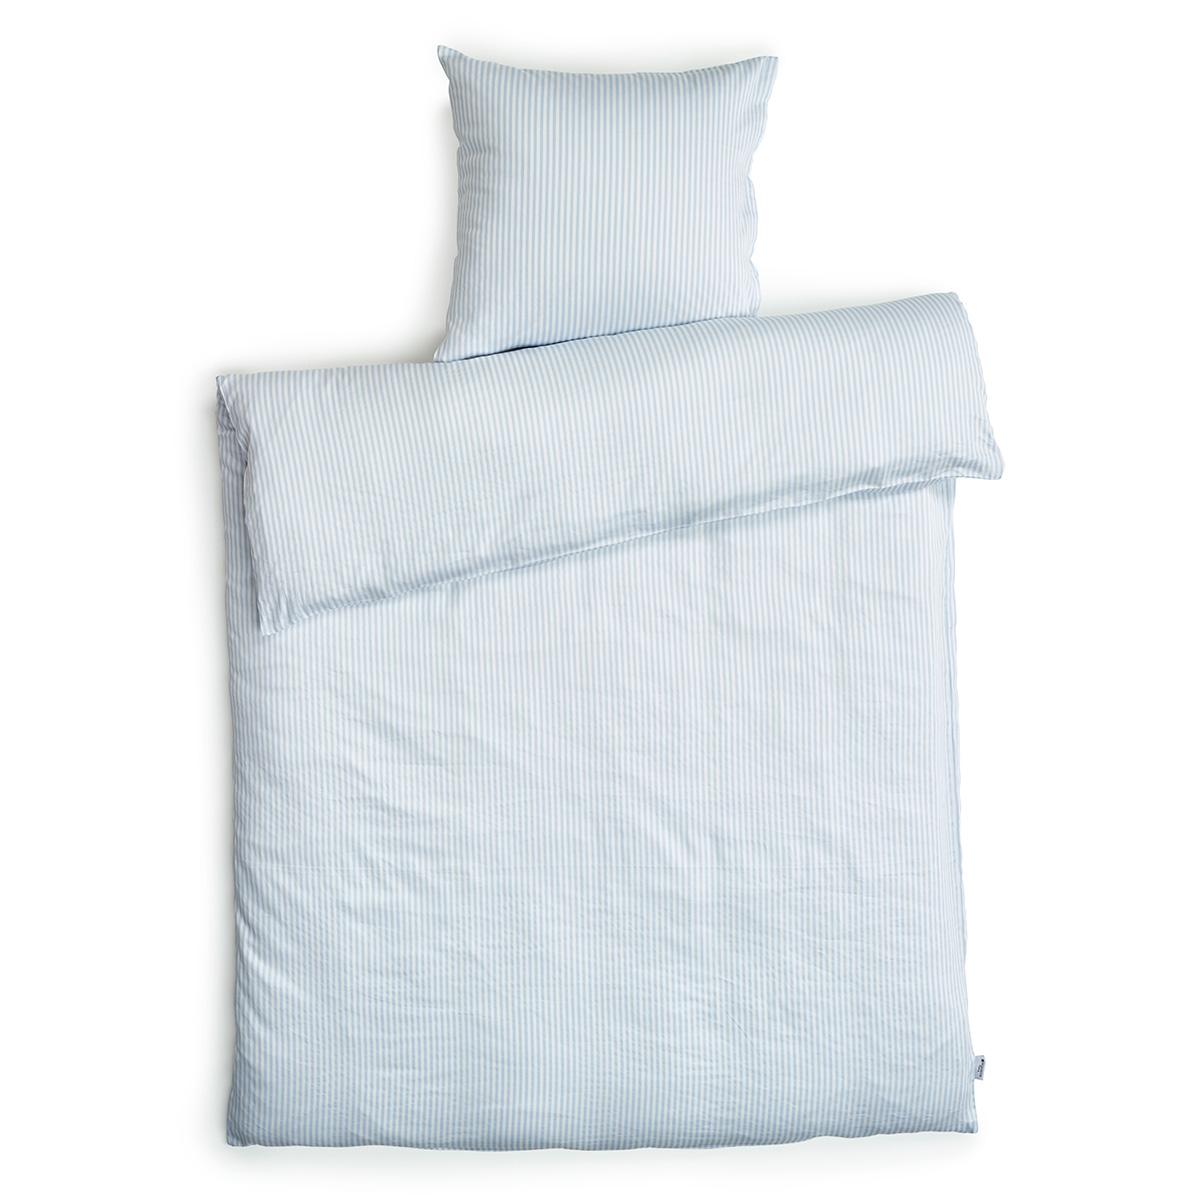 5e6c893bde0 Redgreen sengetøj - Lyseblå og hvide striber Bomuldssatin - 140 x 200 cm -  Coop.dk